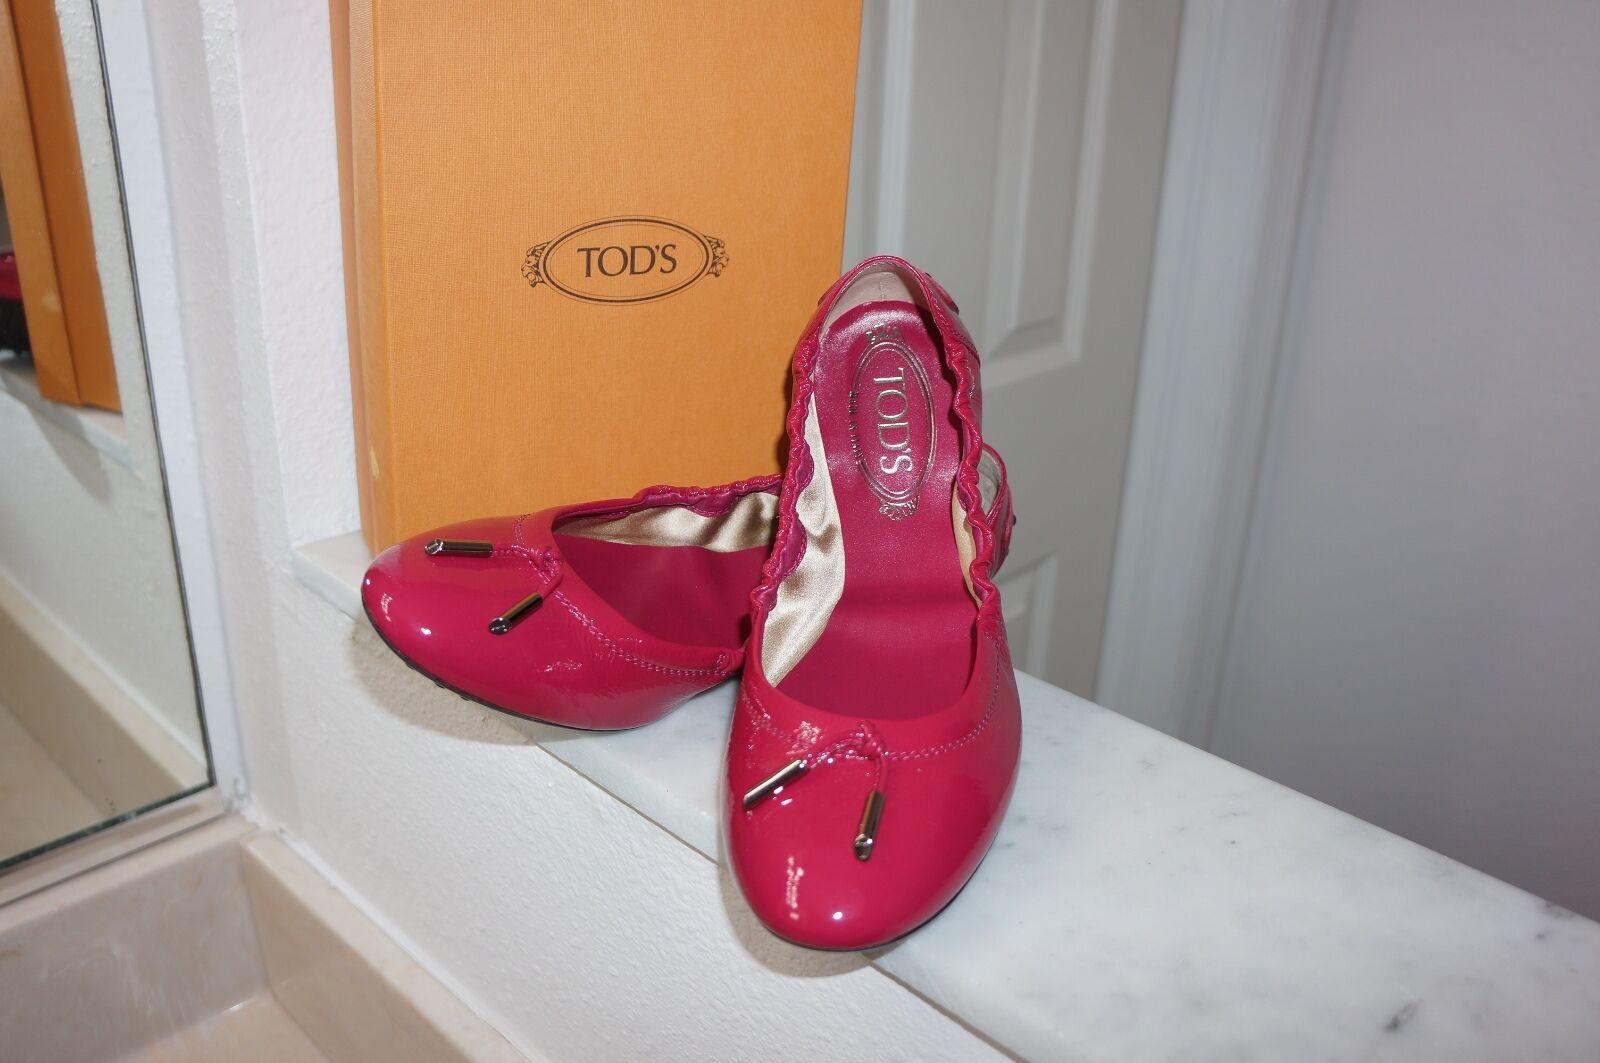 vendite dirette della fabbrica NEW Tod's Tod's Tod's Hot rosa Fuchsia  Patent Leather Ballerina Flats Sz 39.5  US 9.5  negozio online